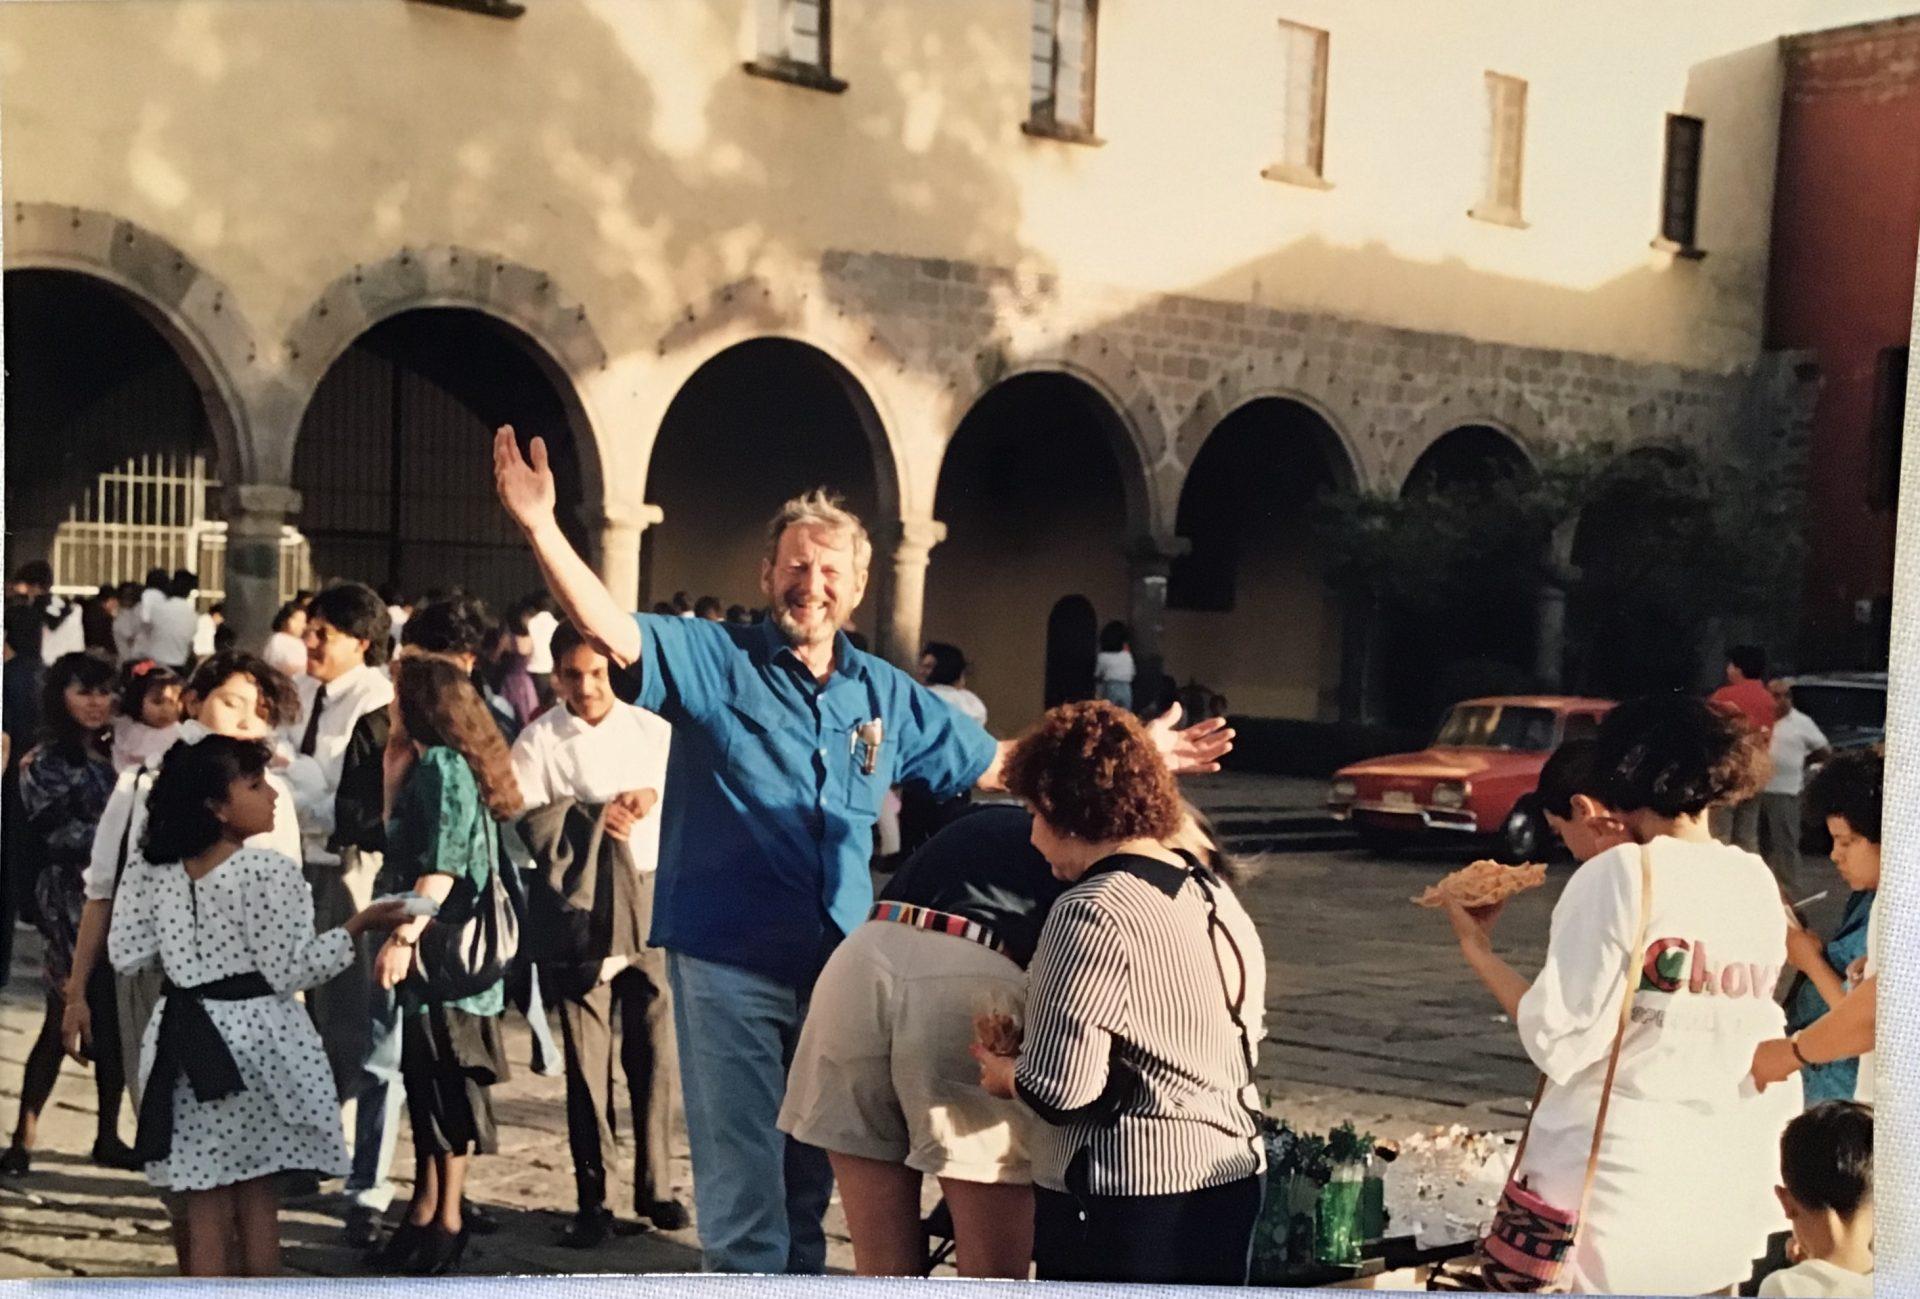 Mexico, 1991